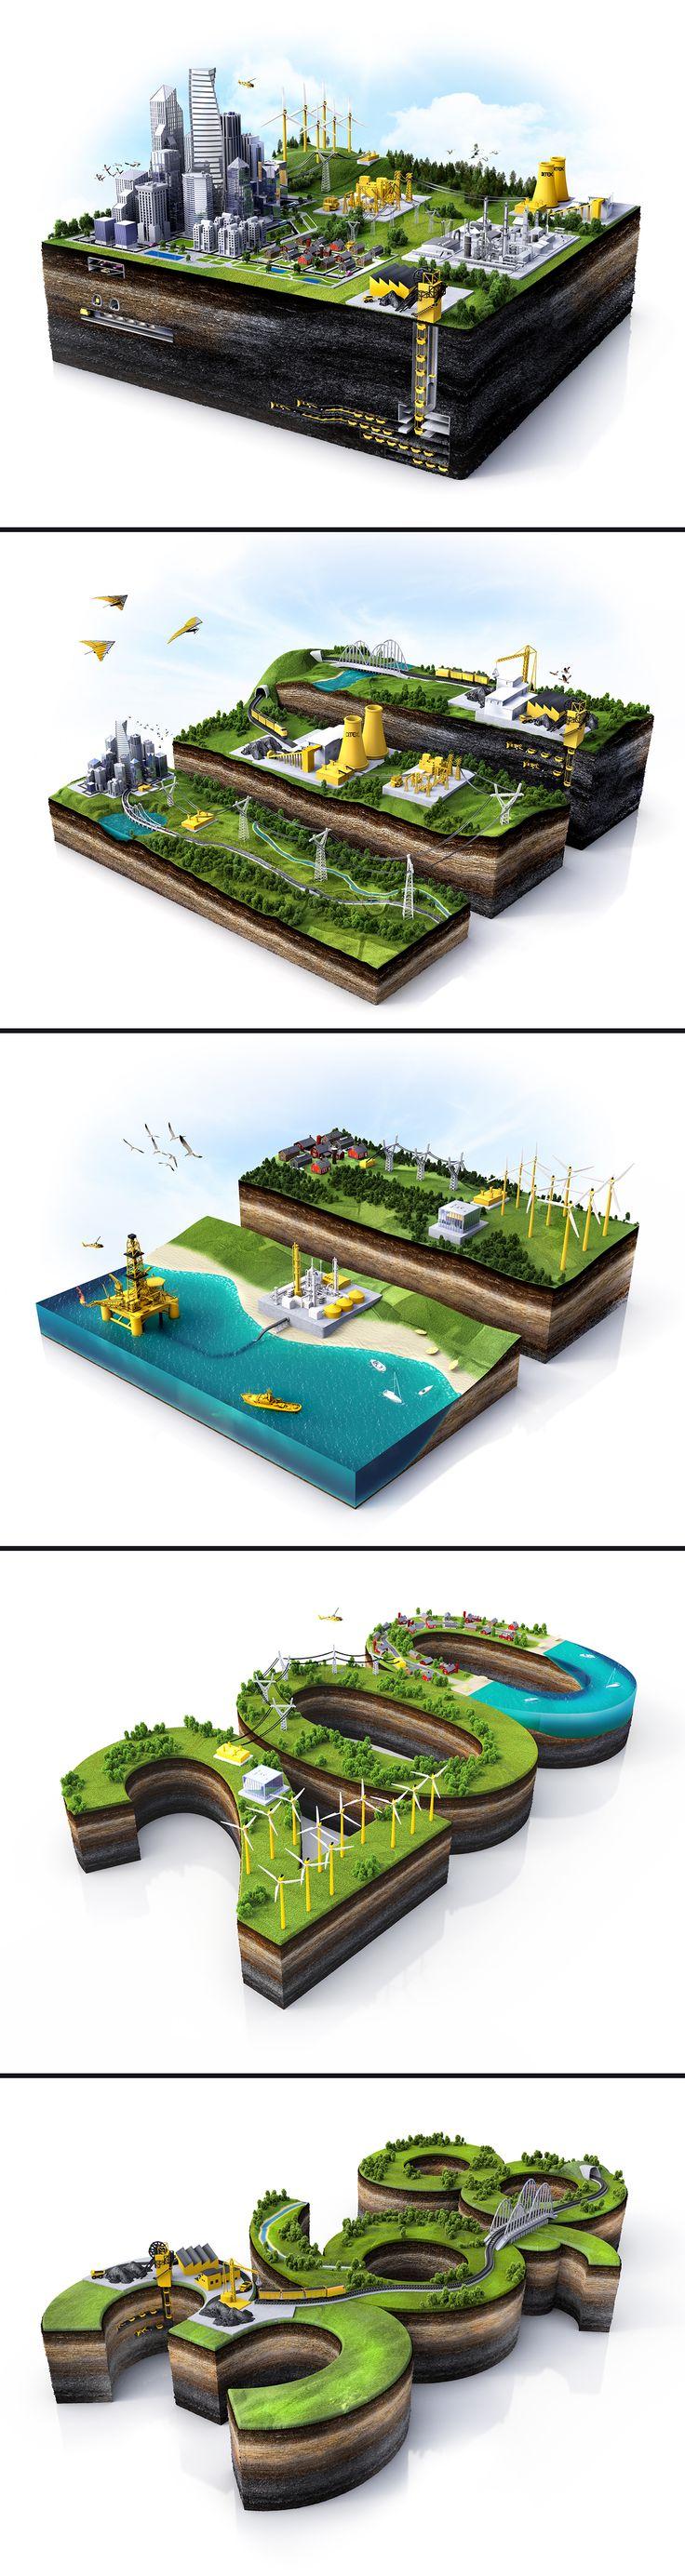 Иллюстрации для годового отчёта и буклета компании DTEC, 3D-графика © Сергей Неженцев